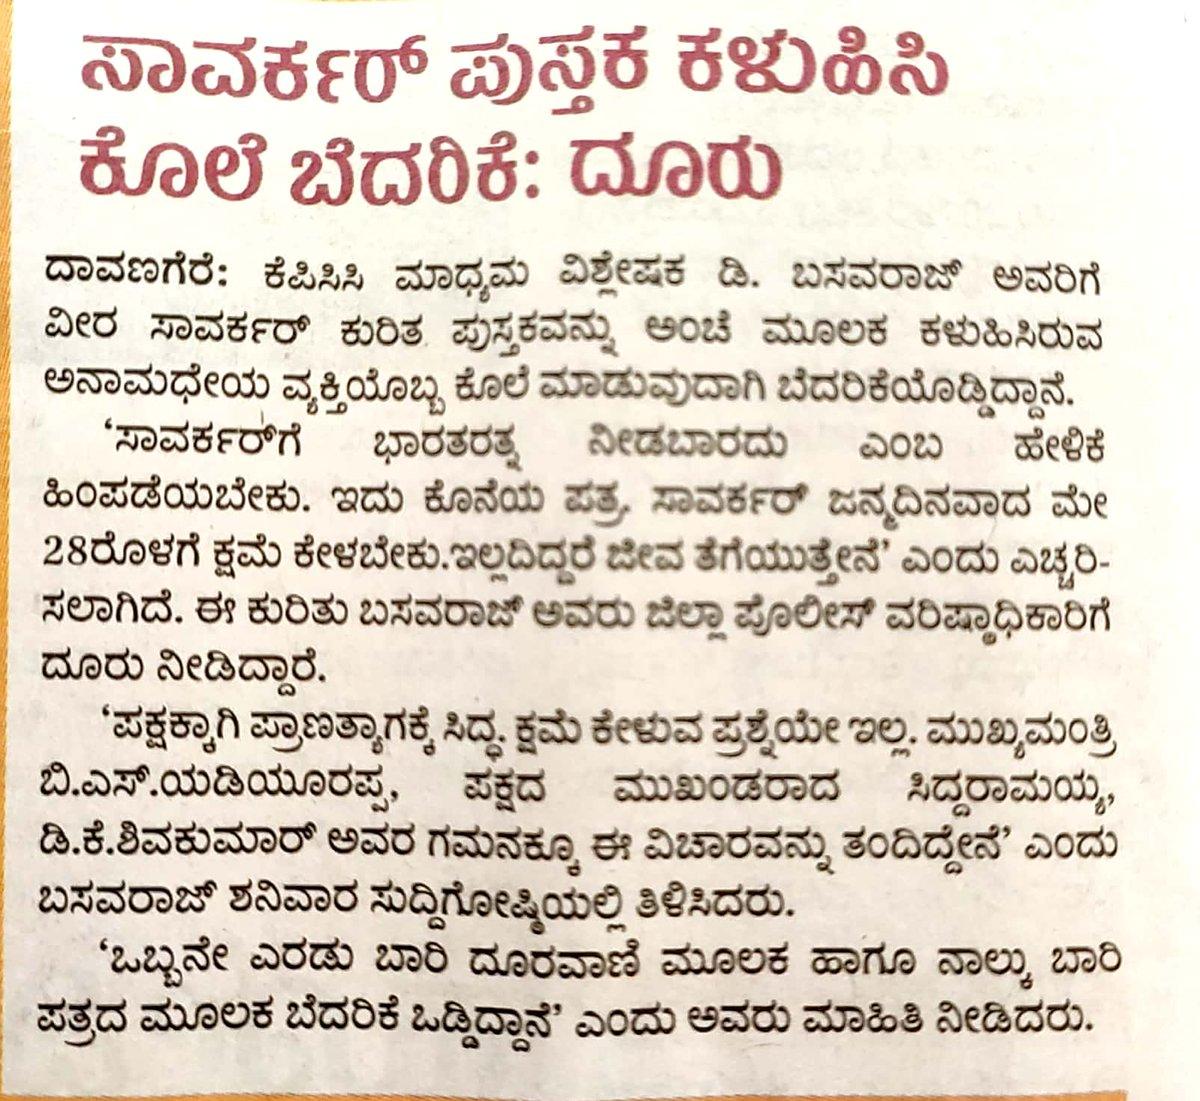 ಮಹಾತ್ಮ ಗಾಂಧಿಯನ್ನು ಕೊಂದವನ ಅನುಯಾಯಿಗಳು ಆರಾಧಕರು @BJP4India ಆಳ್ವಿಕೆಯಲ್ಲಿ ಬಹಳ ಸಕ್ರಿಯರಾಗಿದ್ದಾರೆ.  ದಾಬೋಲ್ಕರ್, ಪನ್ಸಾರೆ, ಕಲಬುರ್ಗಿ, ಗೌರಿಯನ್ನು ಕೊಂದವರ ಉಗ್ರವಾದ ಬೆಳವಣಿಗೆಯಲ್ಲಿದೆ.   ಡಿ.ಬಸವರಾಜ್ ಅವರಿಗೆ @BSYBJP ಸರ್ಕಾರ ಸೂಕ್ತ ಭದ್ರತೆಯನ್ನು ಕೊಟ್ಟು, ಕೊಲೆ ಬೆದರಿಕೆಯೊಡ್ಡಿರುವವರನ್ನು ಶೀಘ್ರ ಬಂಧಿಸಬೇಕು. https://t.co/QAQhbetpkr